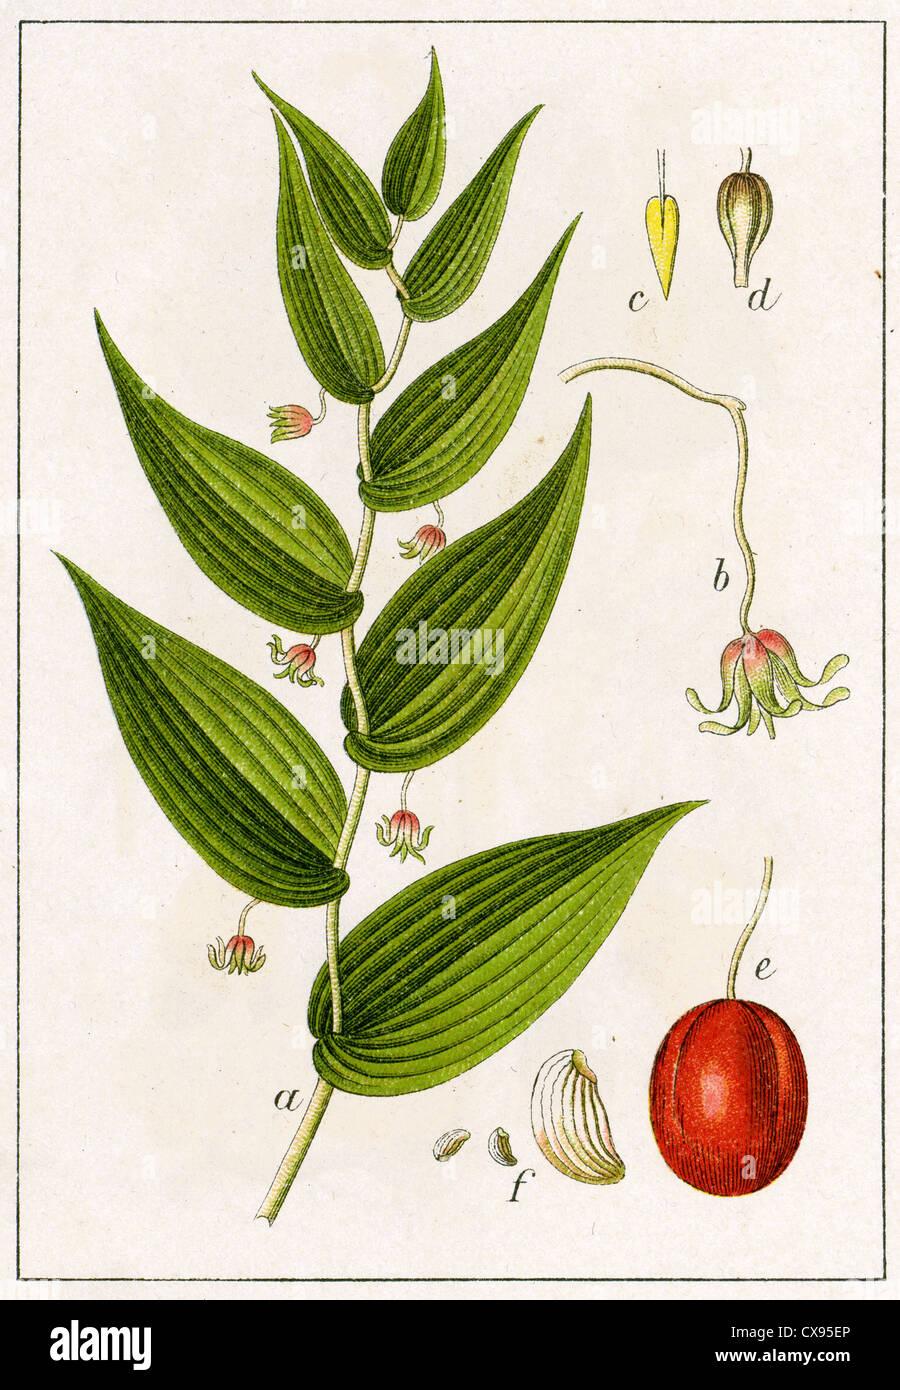 Convallaria amplexifolia - Stock Image